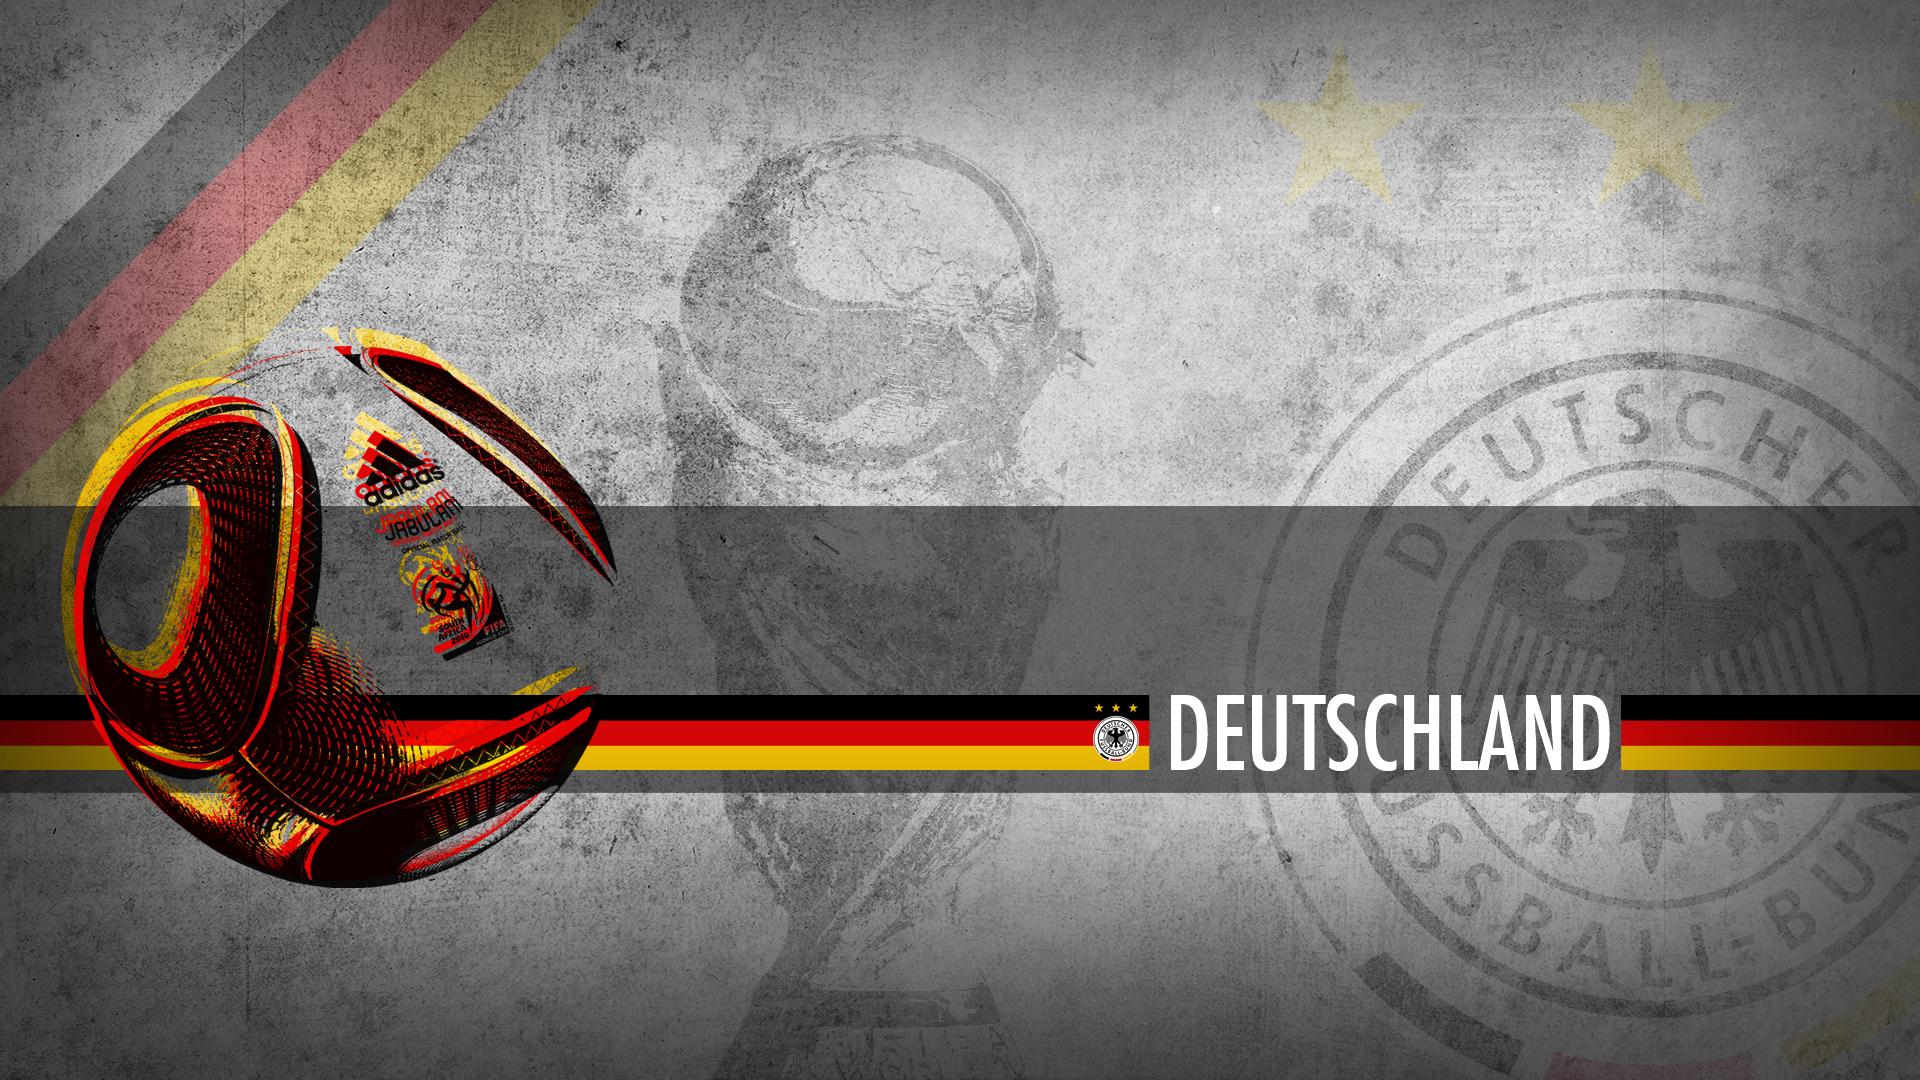 Die Mannschaft   Germany National Football Team Wallpaper 27589656 1920x1080